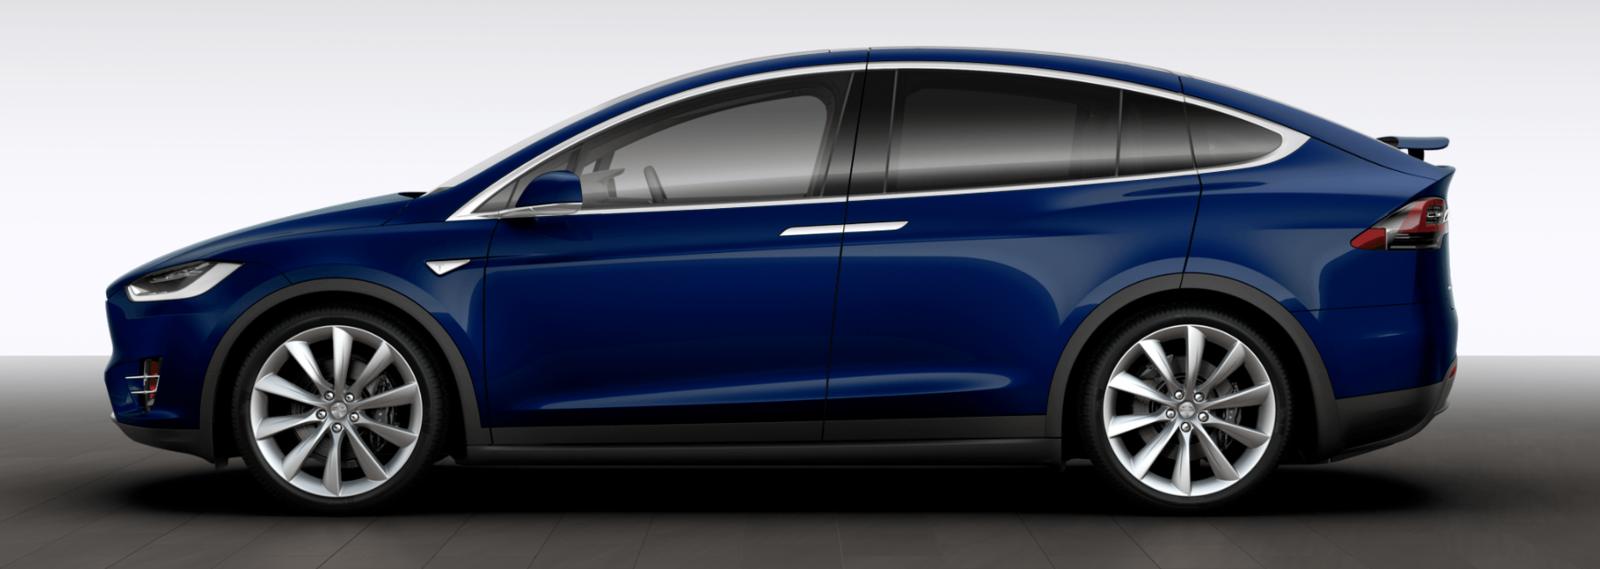 Tesla Model X Colors Tesla Image